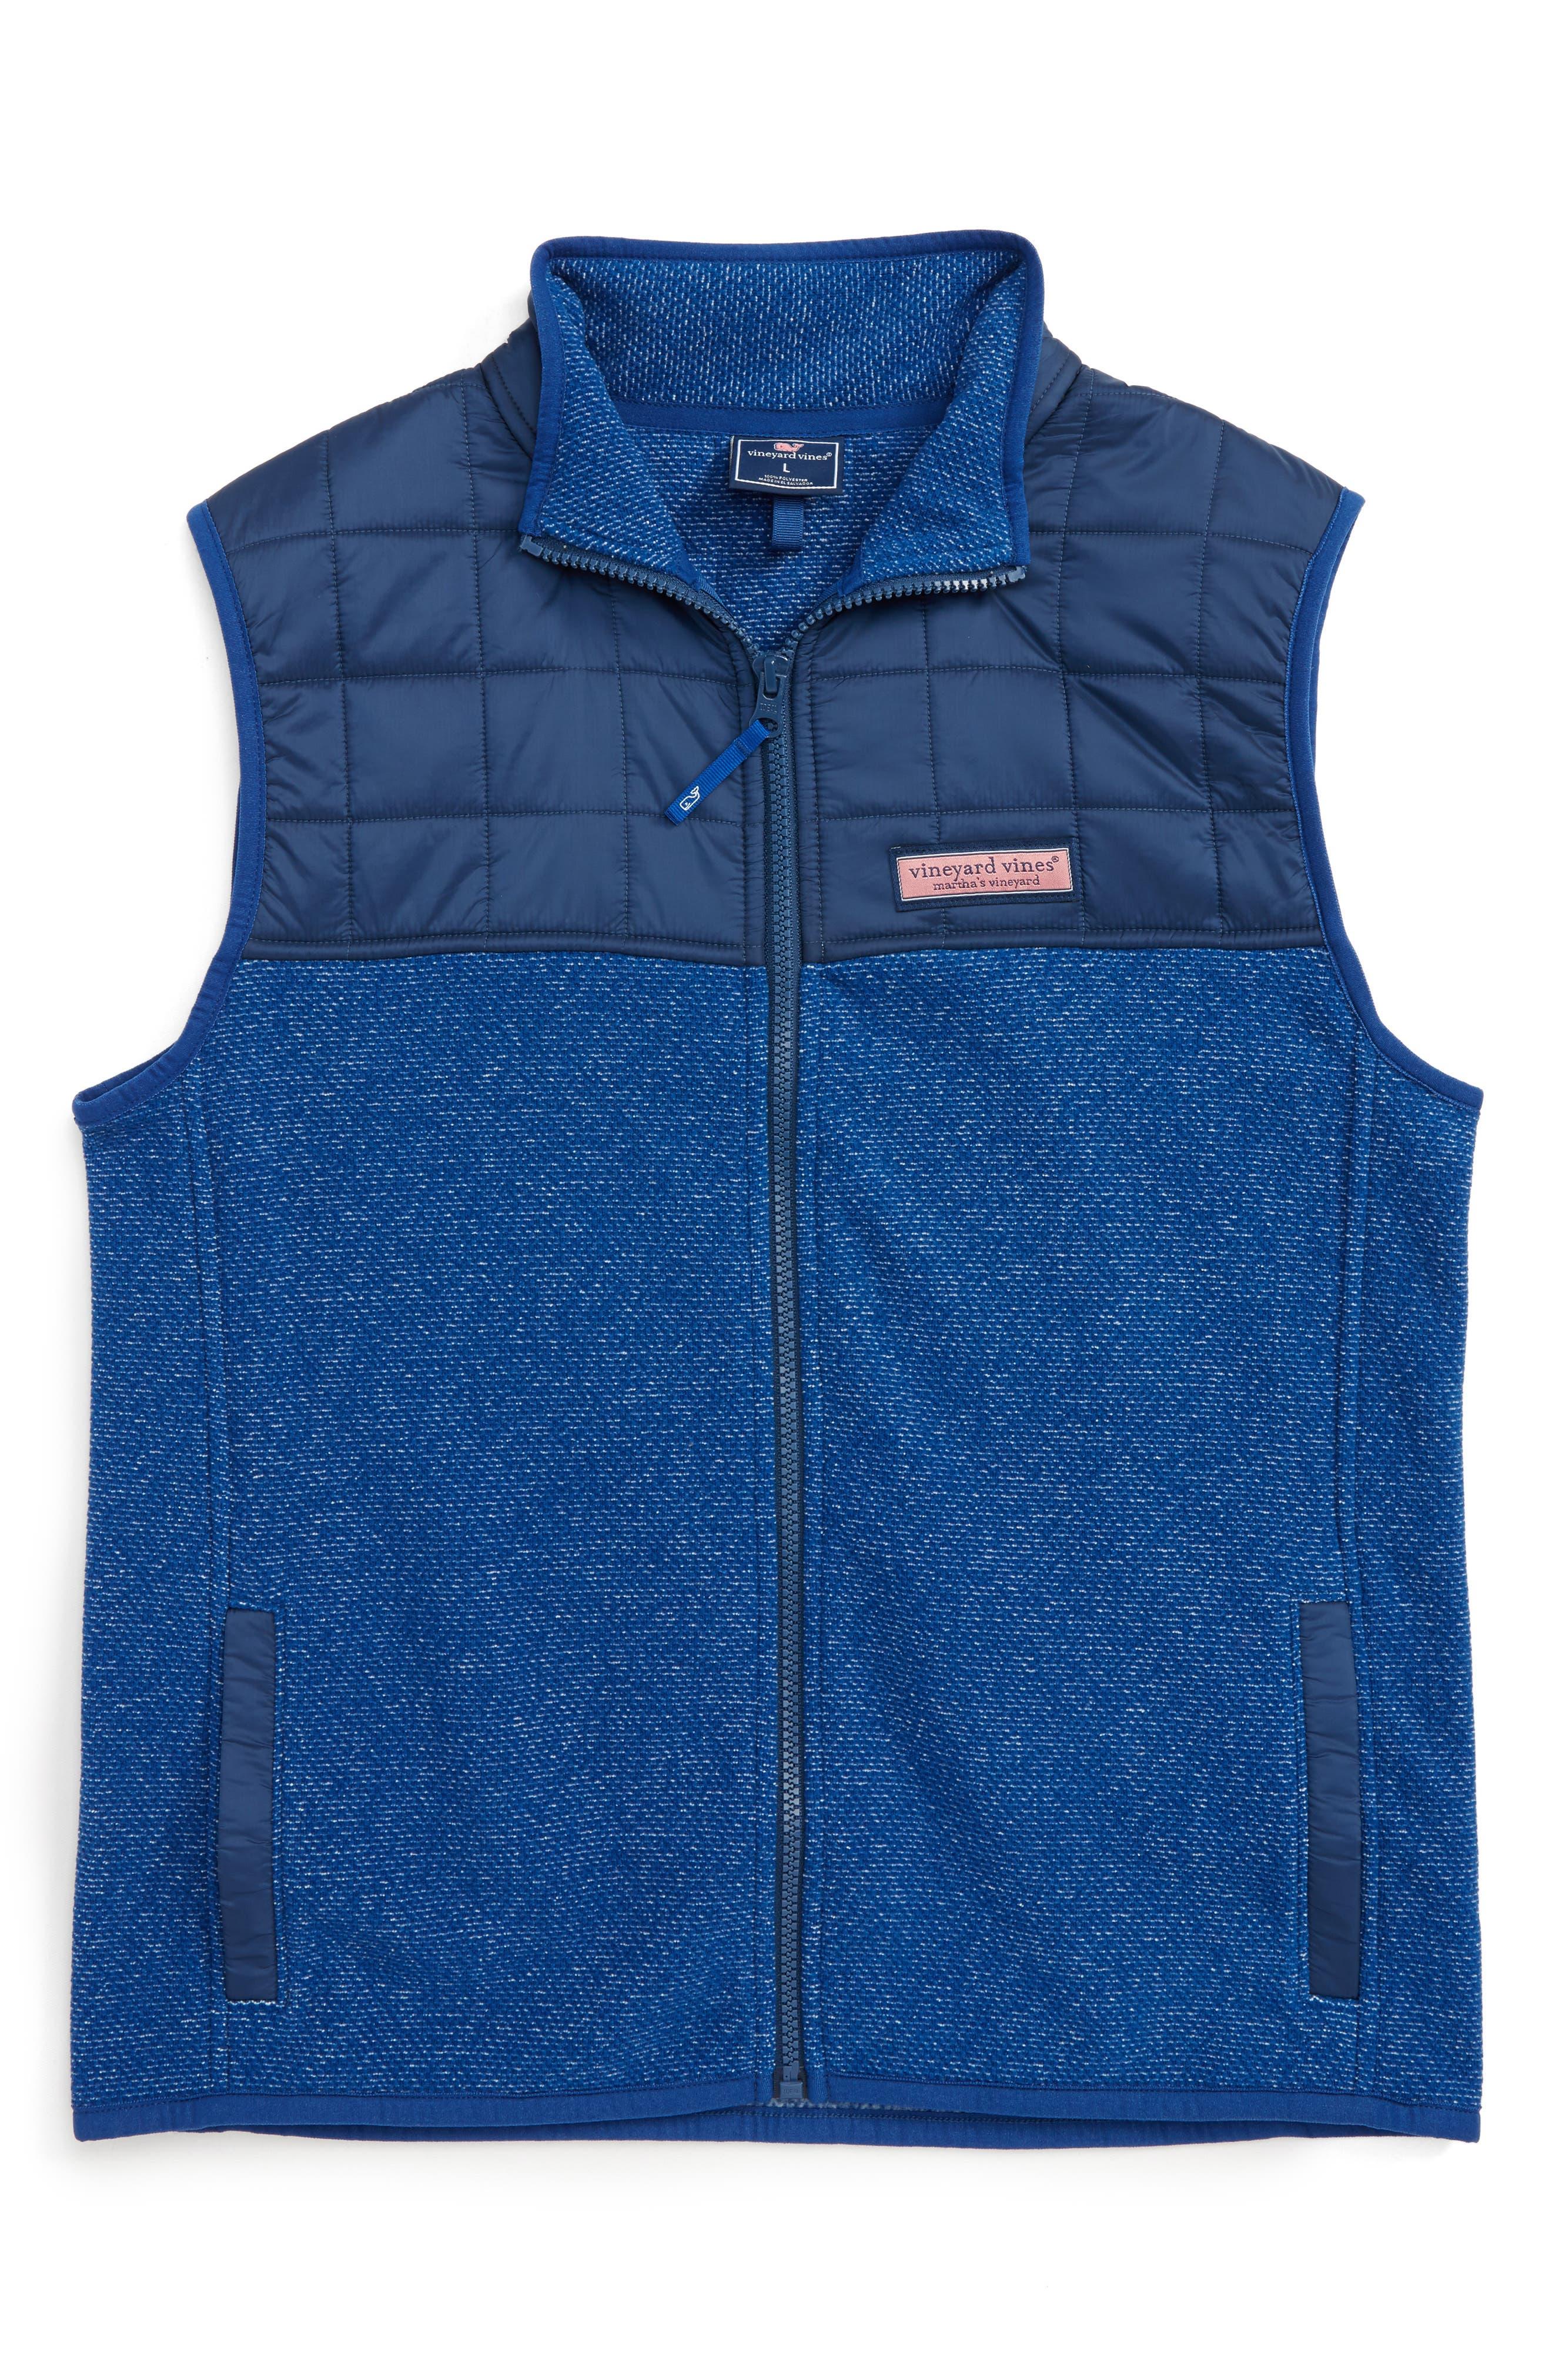 Jacquard Fleece Vest,                         Main,                         color, Blue Bay